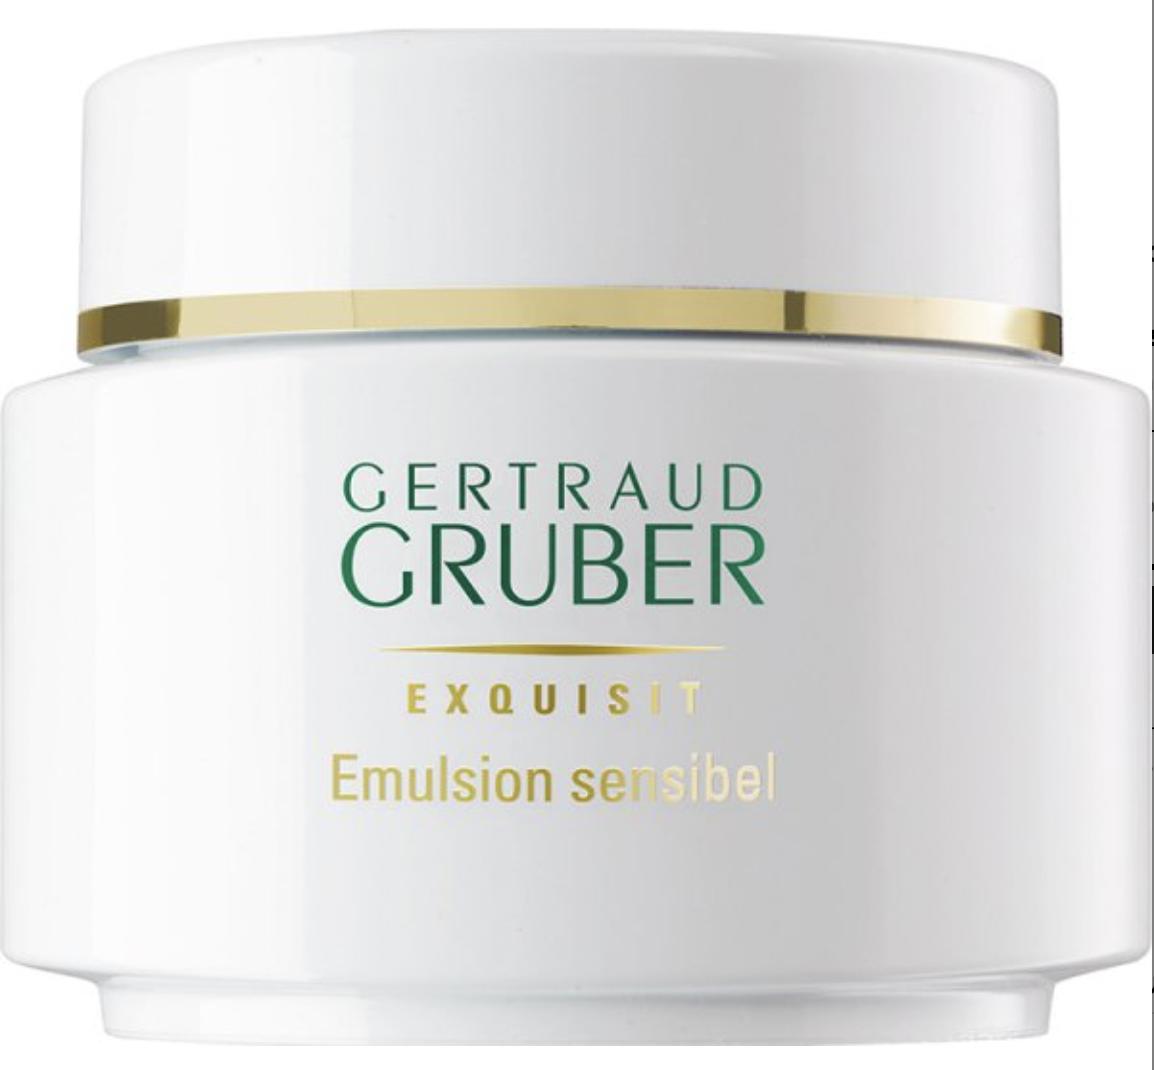 EXQUISIT Emulsion sensibel 50 ml